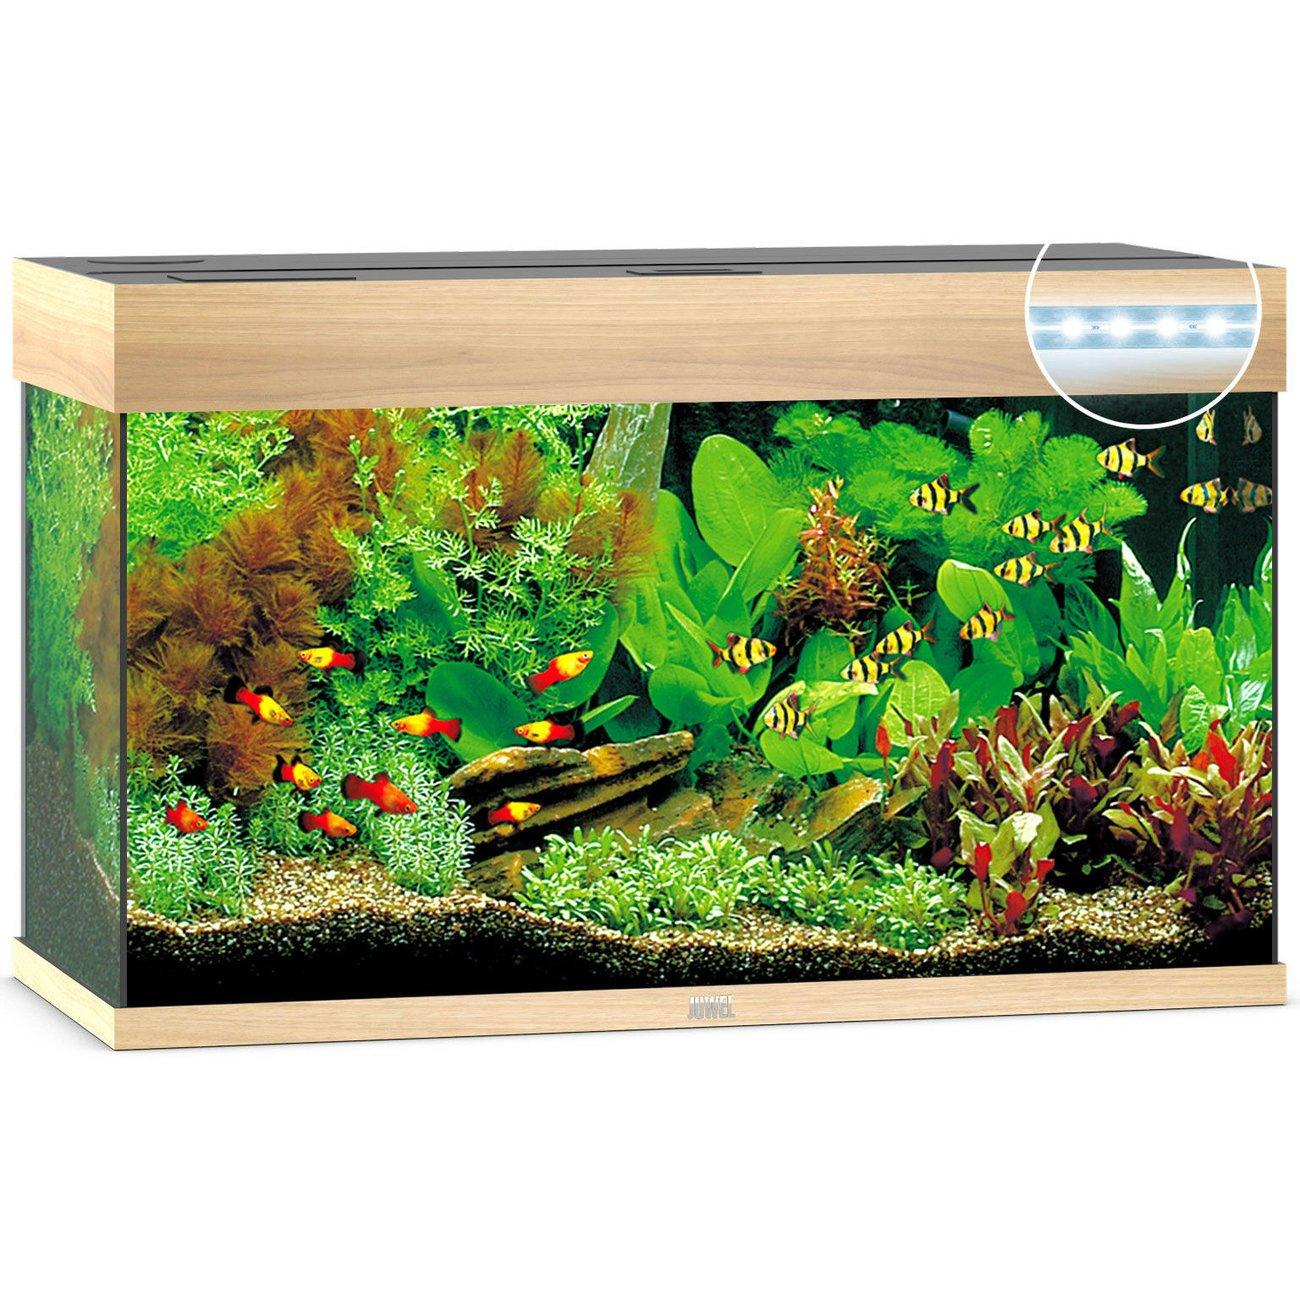 Juwel Rio 125 LED Aquarium, Bild 3